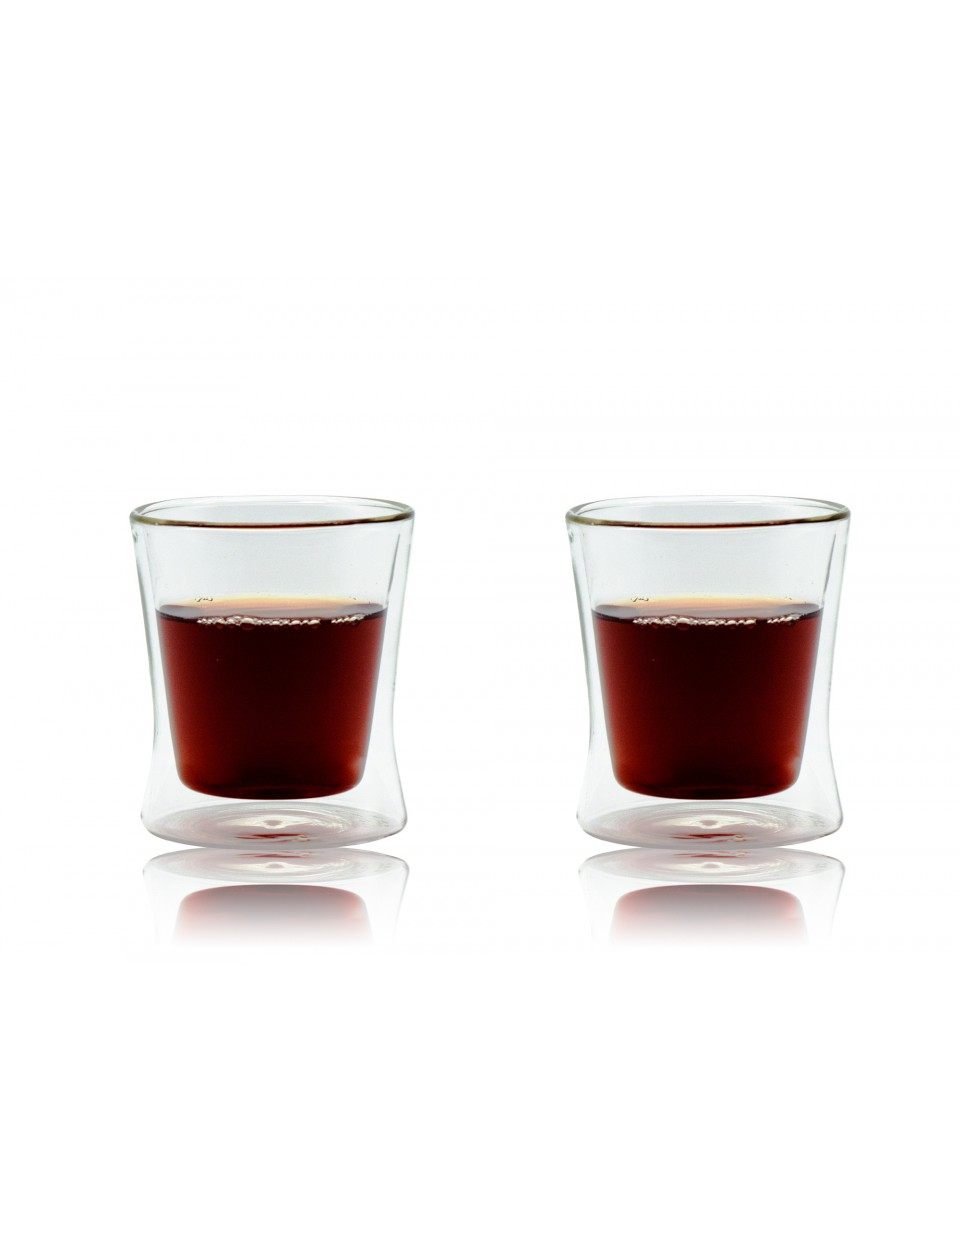 角藝雙層杯 200ML 對杯2支